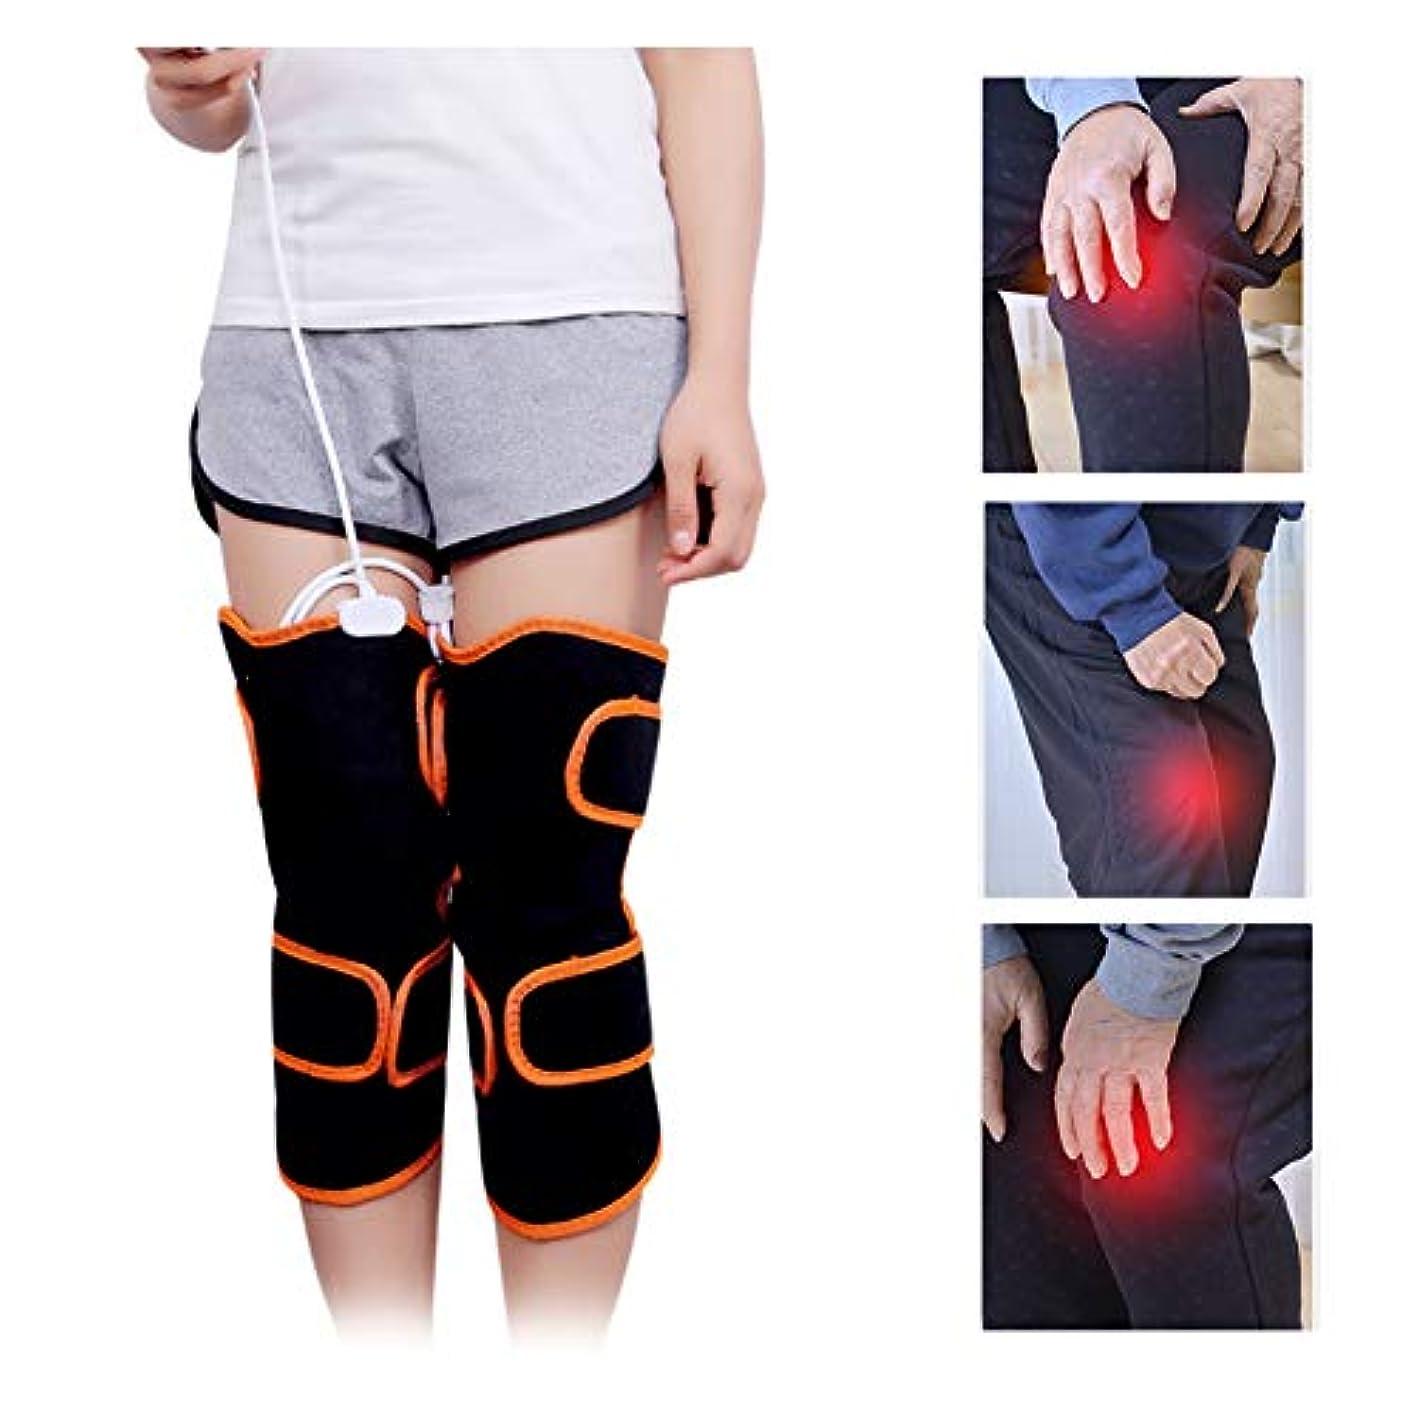 勃起に賛成形容詞暖房膝ブレースラップサポート - 膝温熱パッド - 9マッサージモードと膝のけが、痛みを軽減するための5つの速度で治療マッサージャー